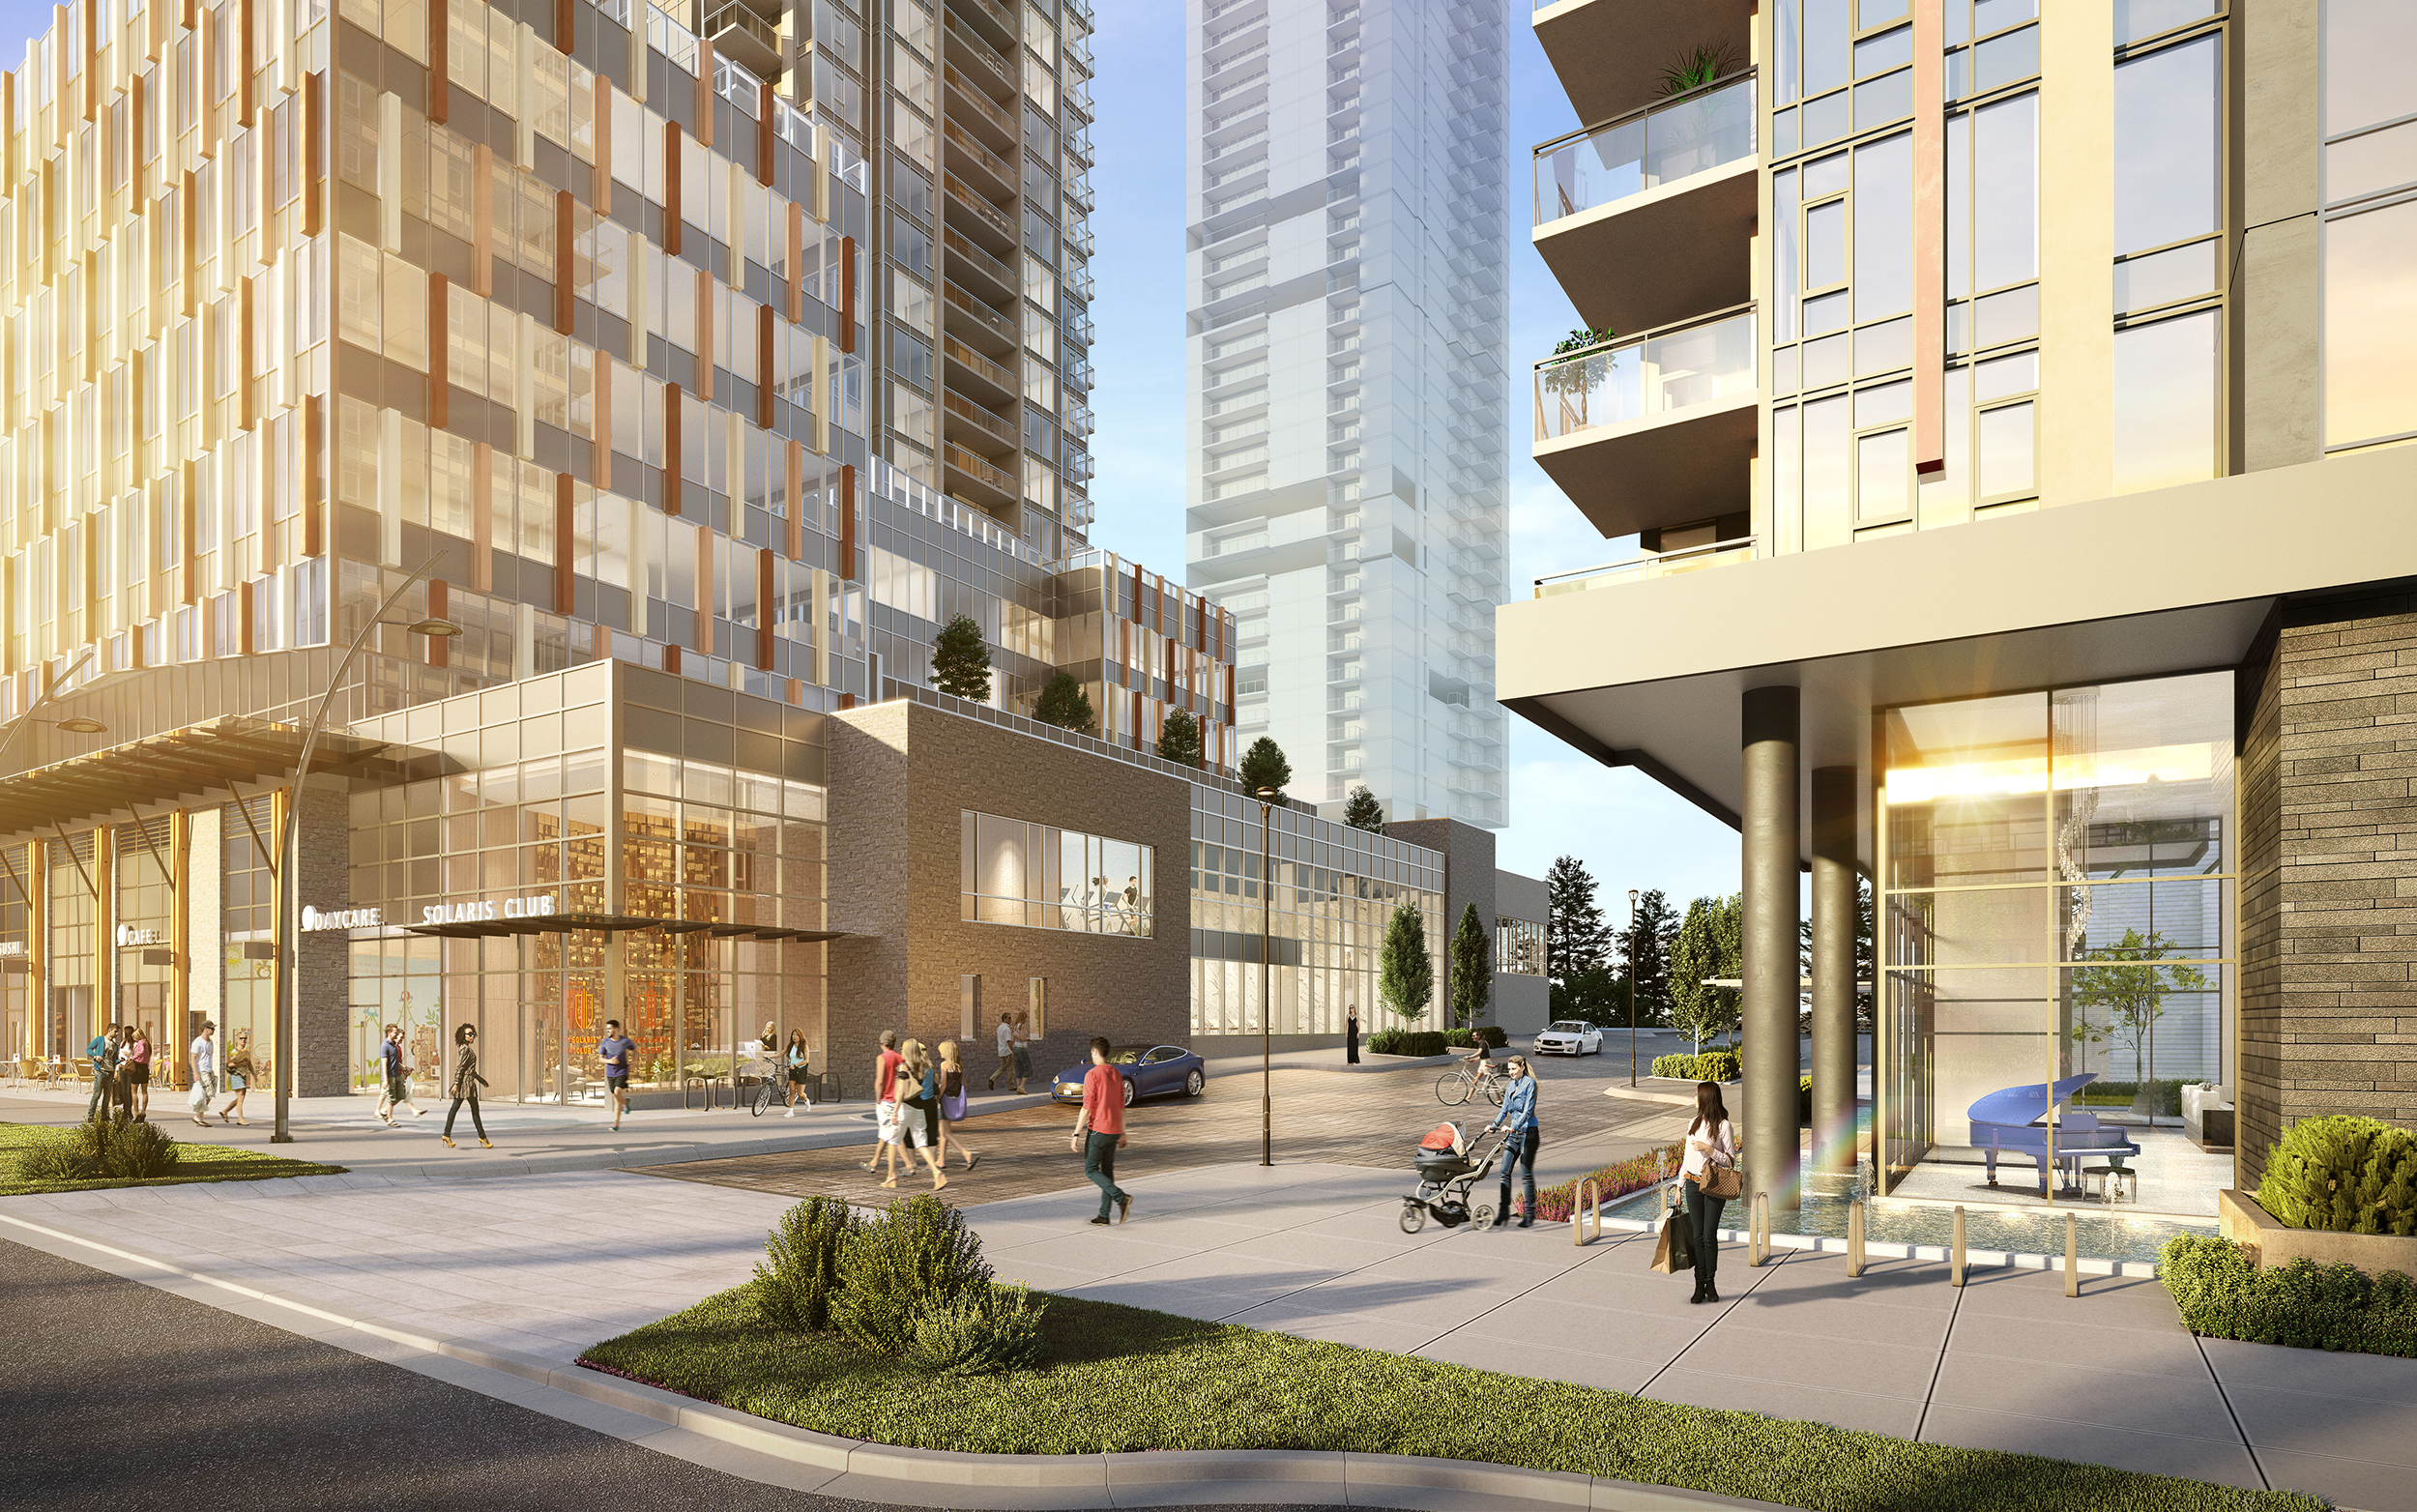 本周又有4個新樓盤參與到JOHOME溫房網—新房團購項目,一個在本拿比Metrotown地區,一個在北素里,一個在高貴林,一個在南三角洲的Tsawwassen。1.南本拿比Metrotown高層公寓SunTowers2太陽塔二期團購優惠折扣:1房$5000元,2房$10000元,3房$15000元位于本拿比Metrotown天車站對面的SunTowers太陽塔,2017年一期的銷售曾出現一房難求的局面,異?;鸨?。SunTowers因其極佳的地段,以及...